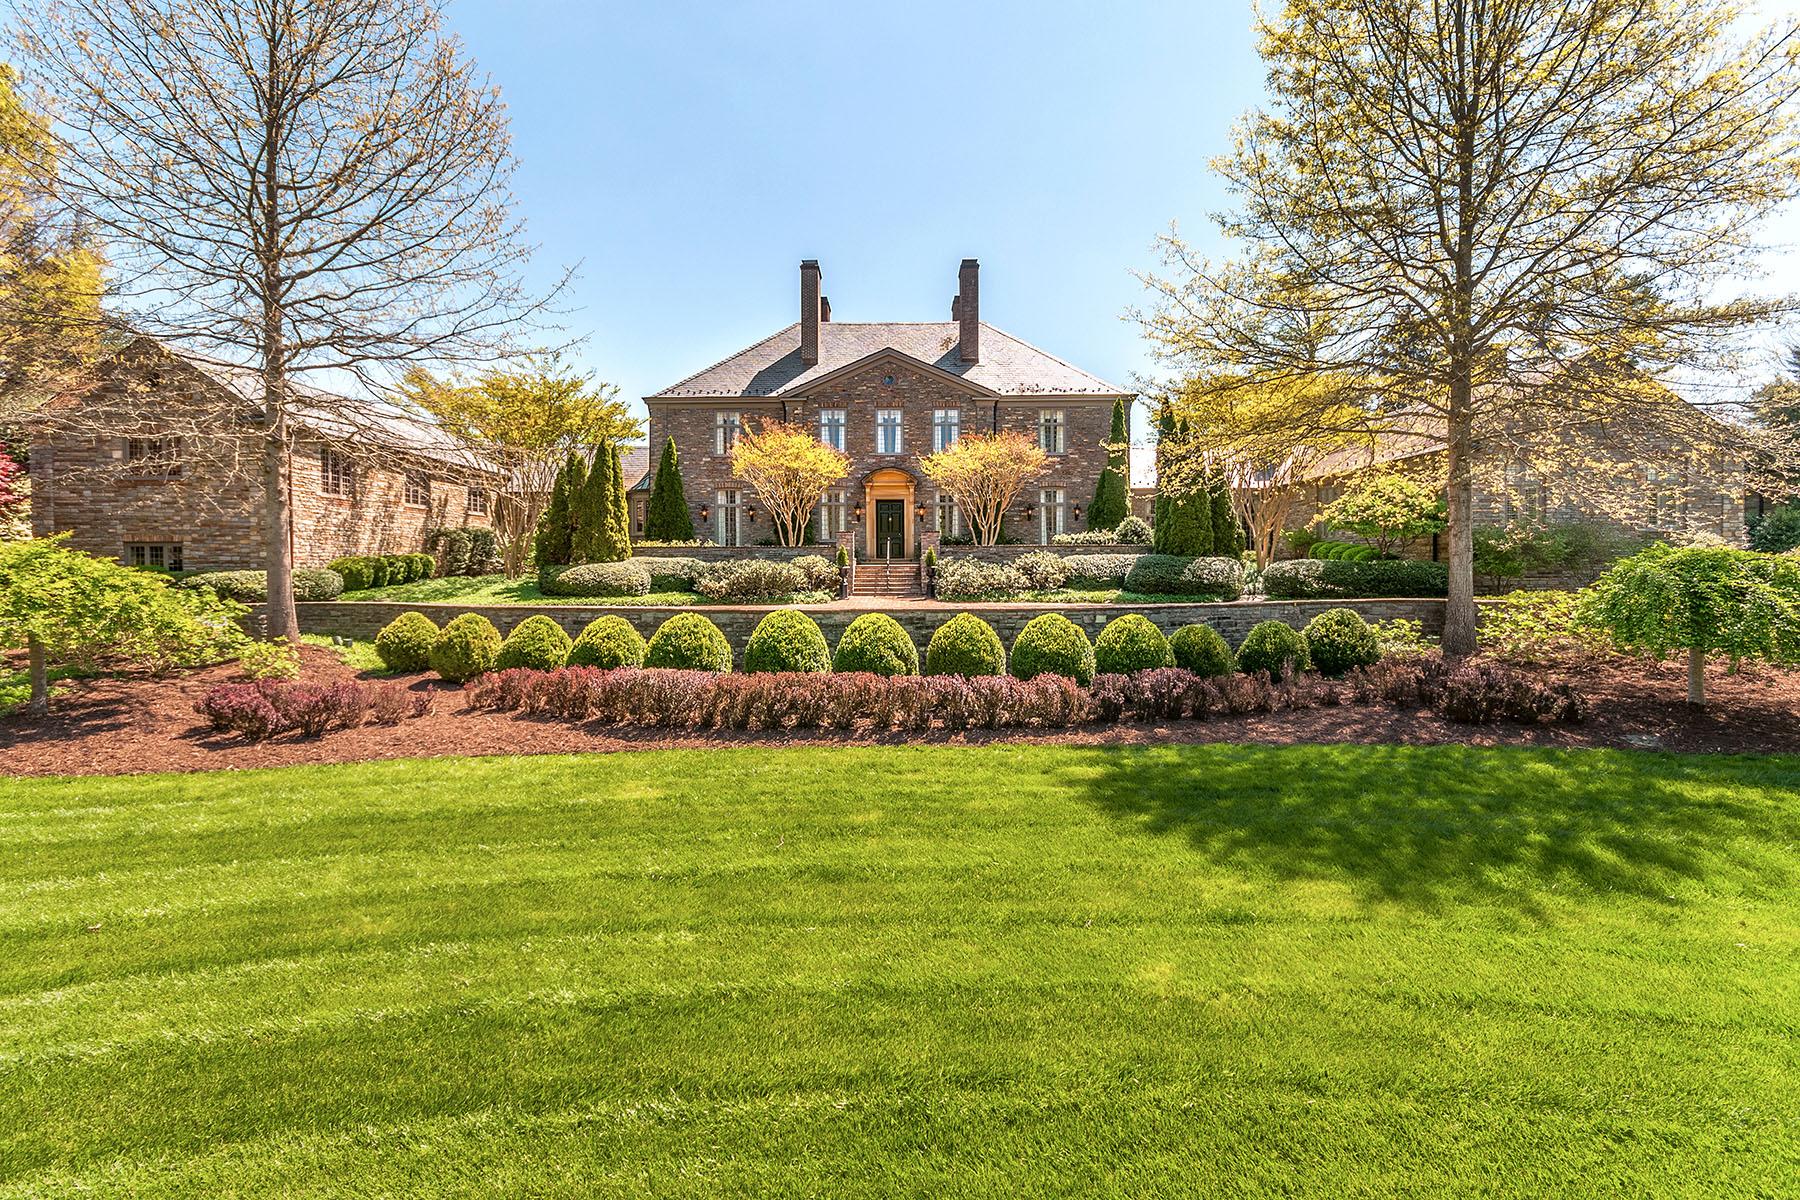 Single Family Homes for Sale at BILTMORE FOREST 398 Vanderbilt Rd Asheville, North Carolina 28803 United States